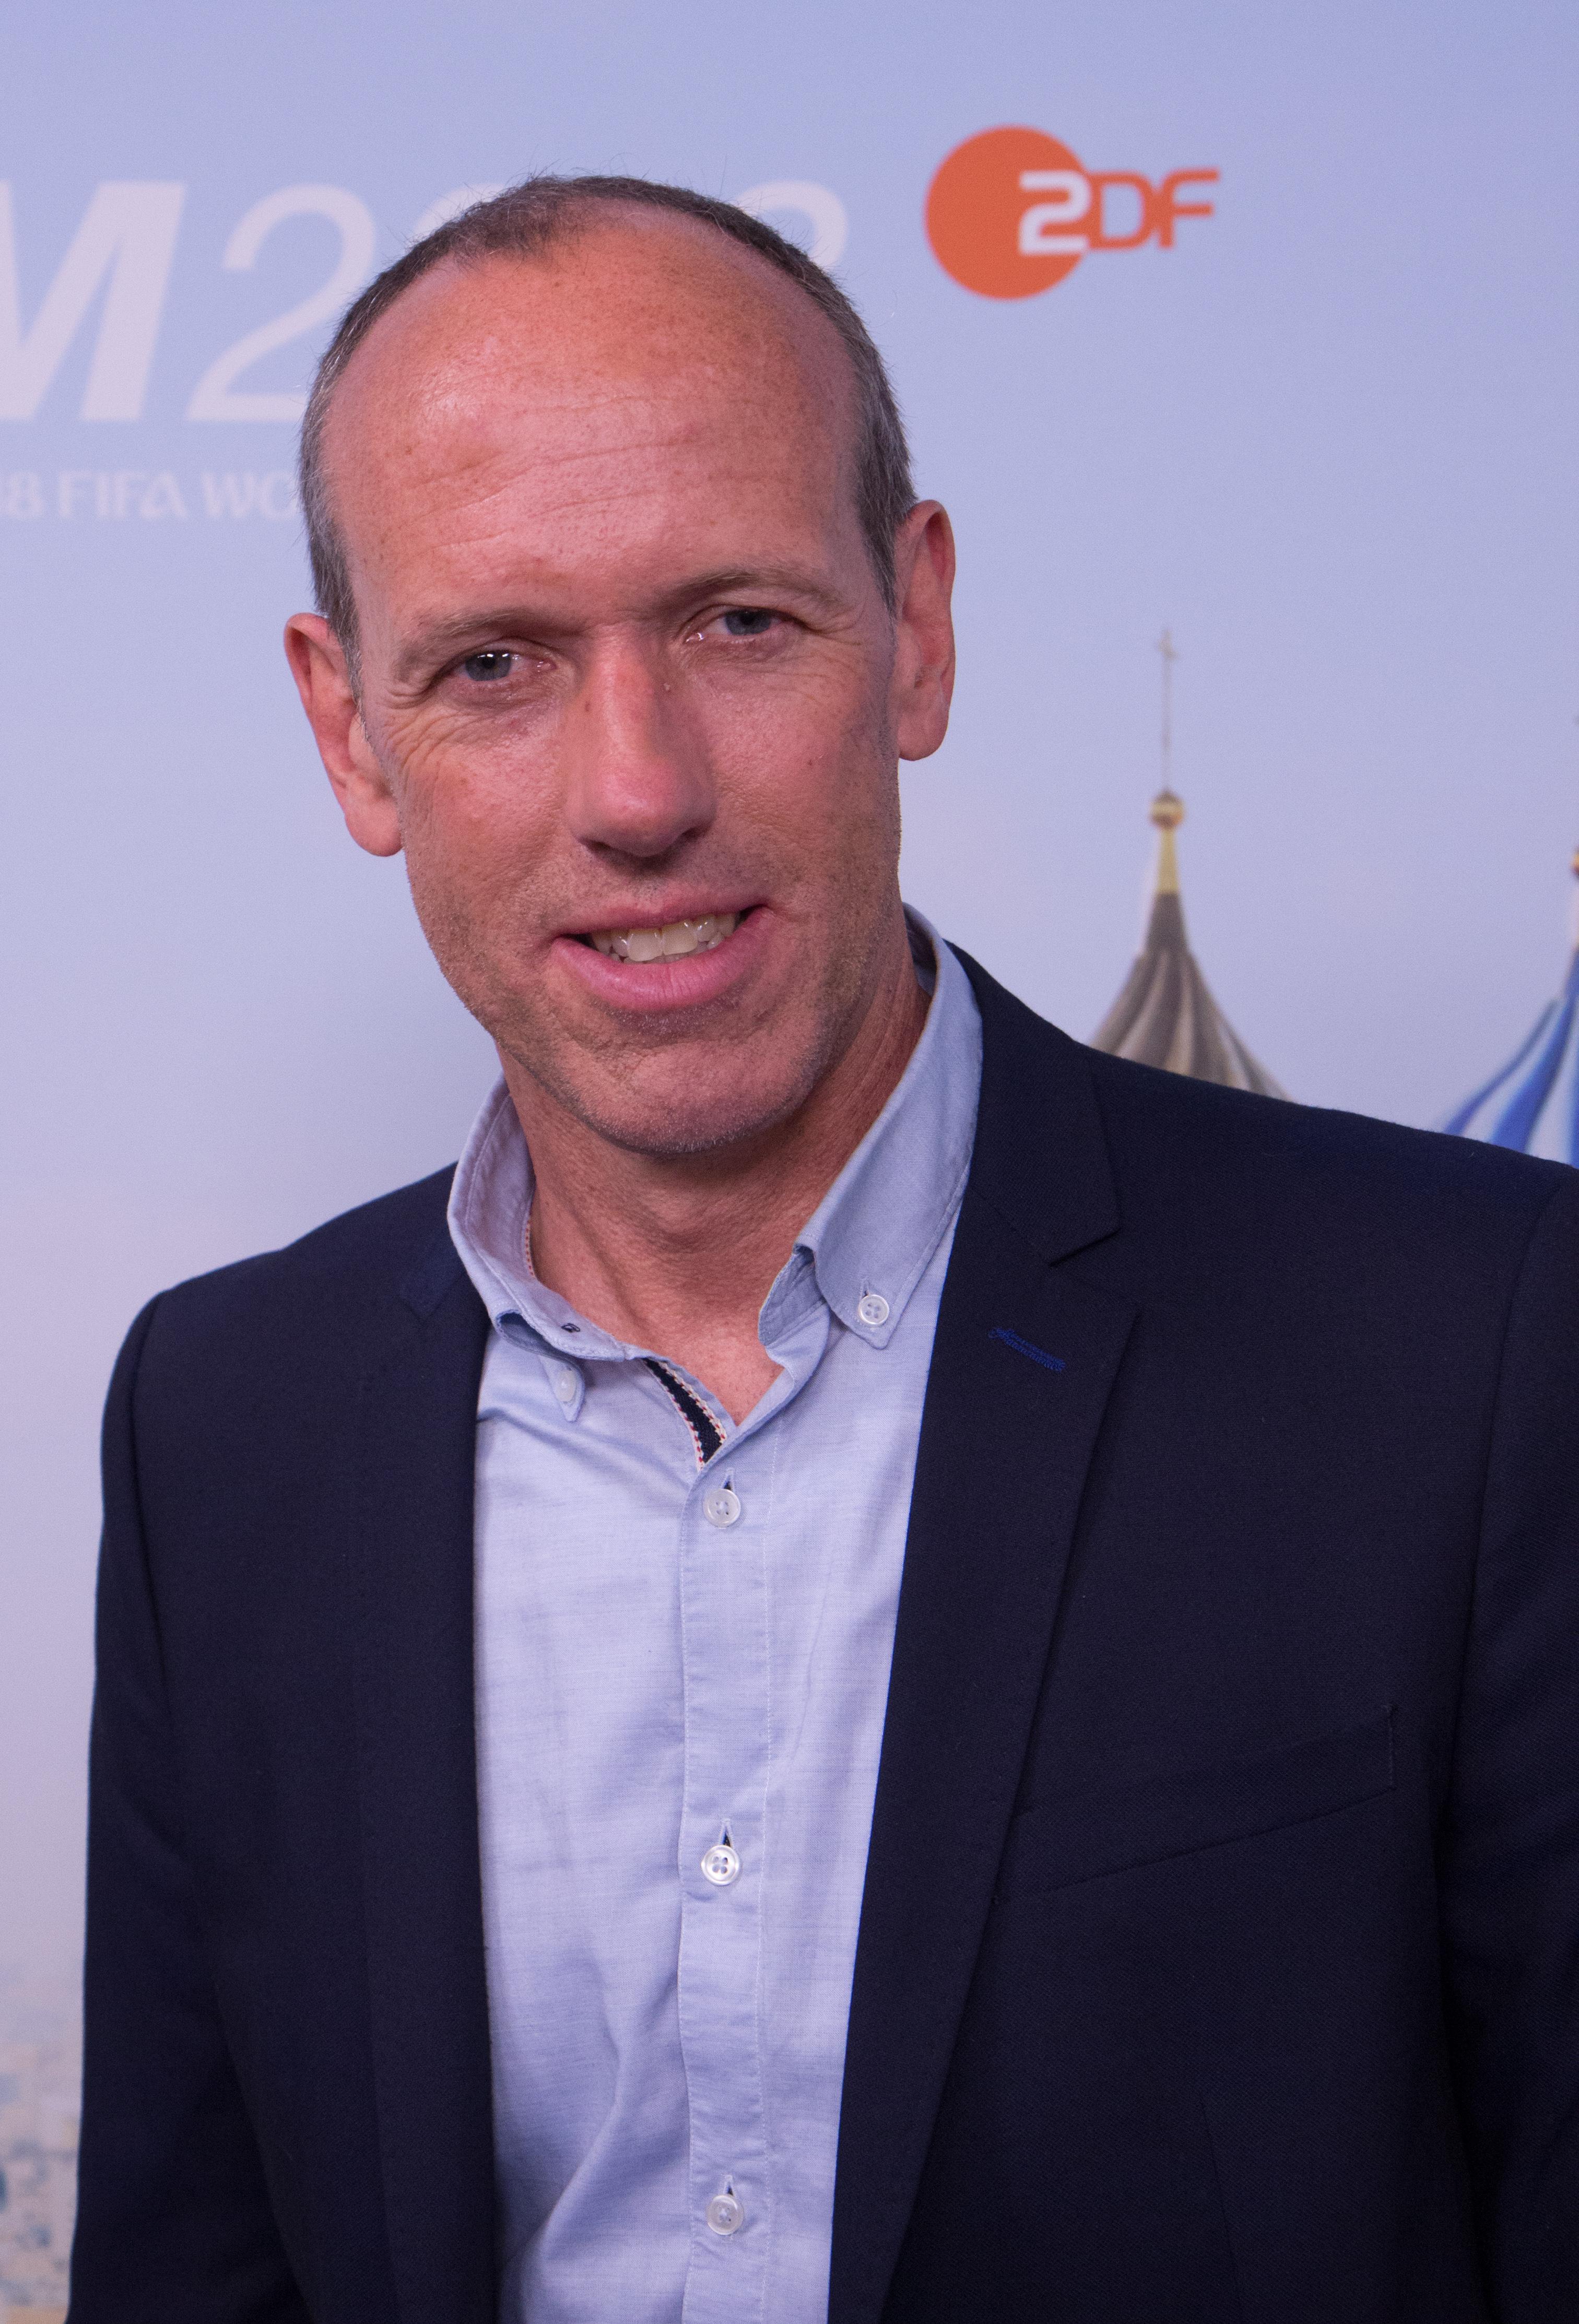 Martin Schneider Kommentator Wikipedia